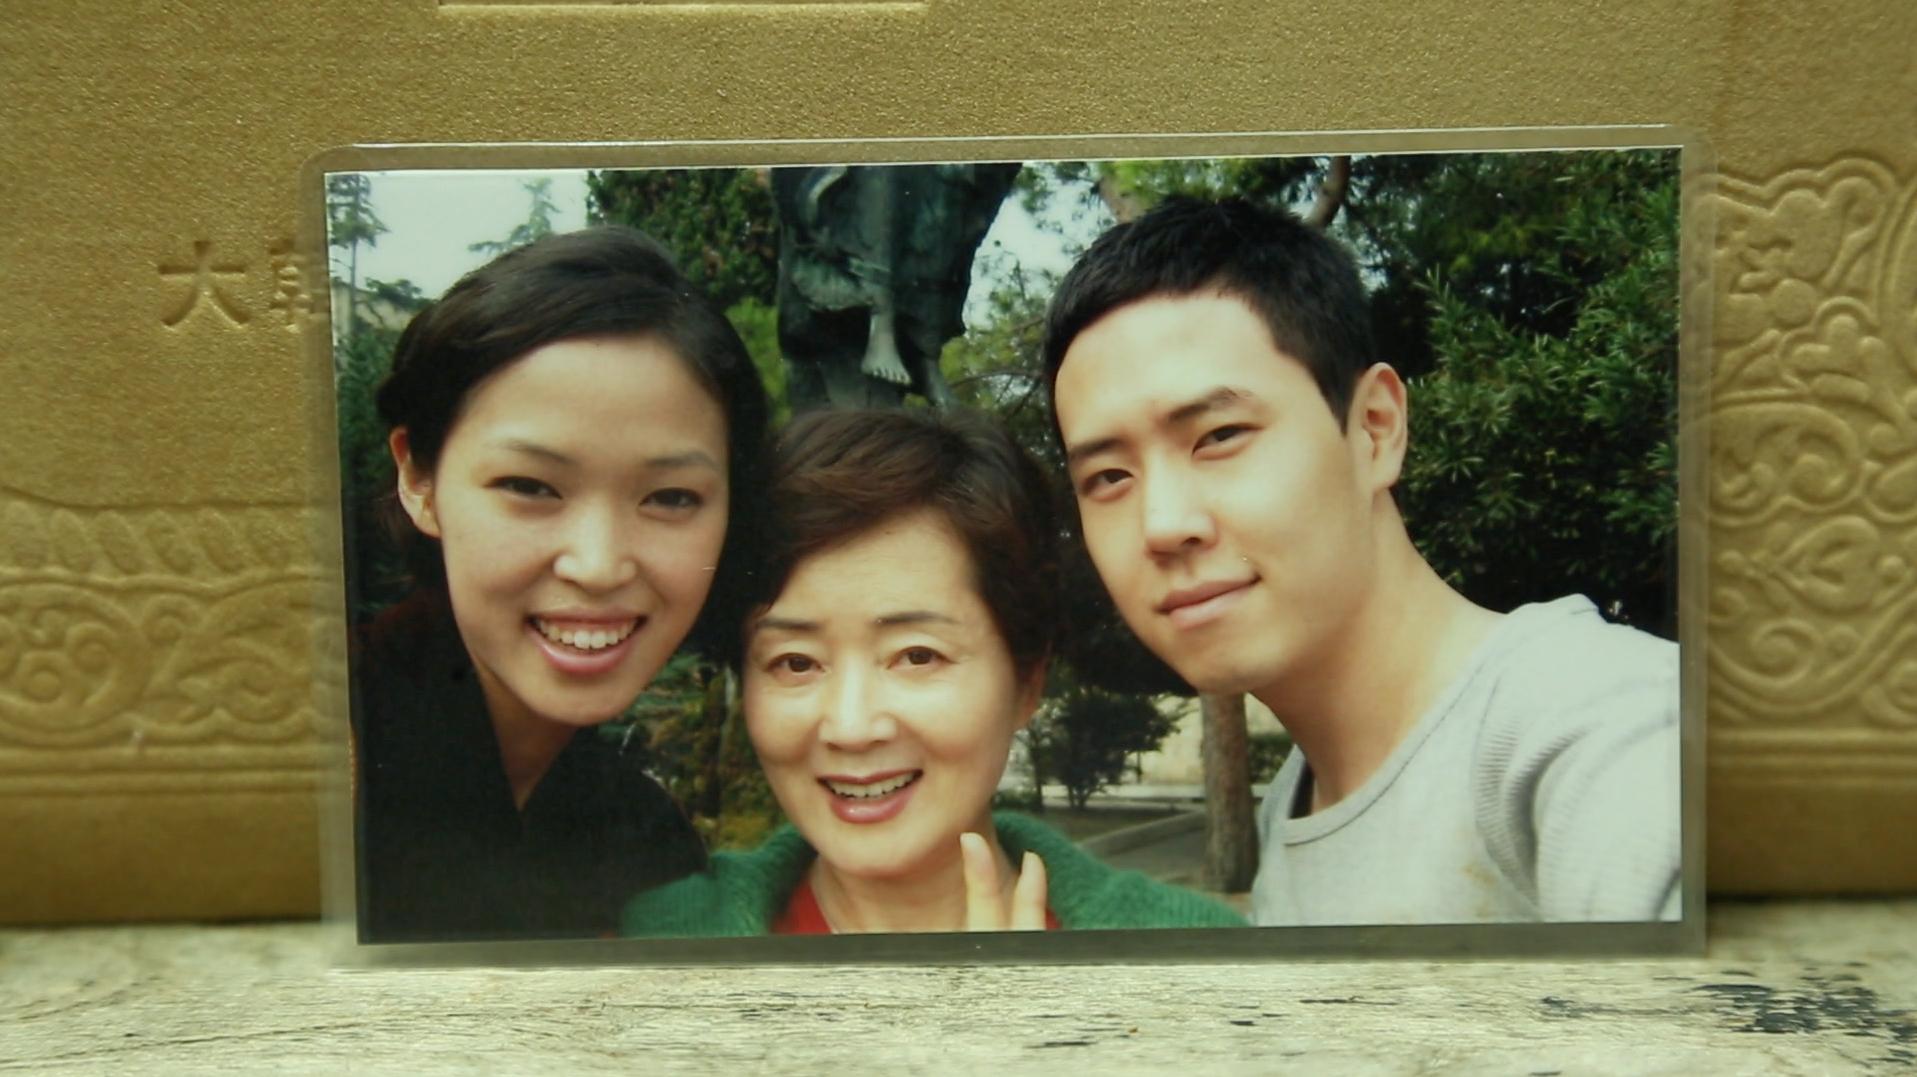 <사람이 좋다> 故 김영애 아들 이민우, 미국 생활 포기하고 달려왔던 사연 담는다